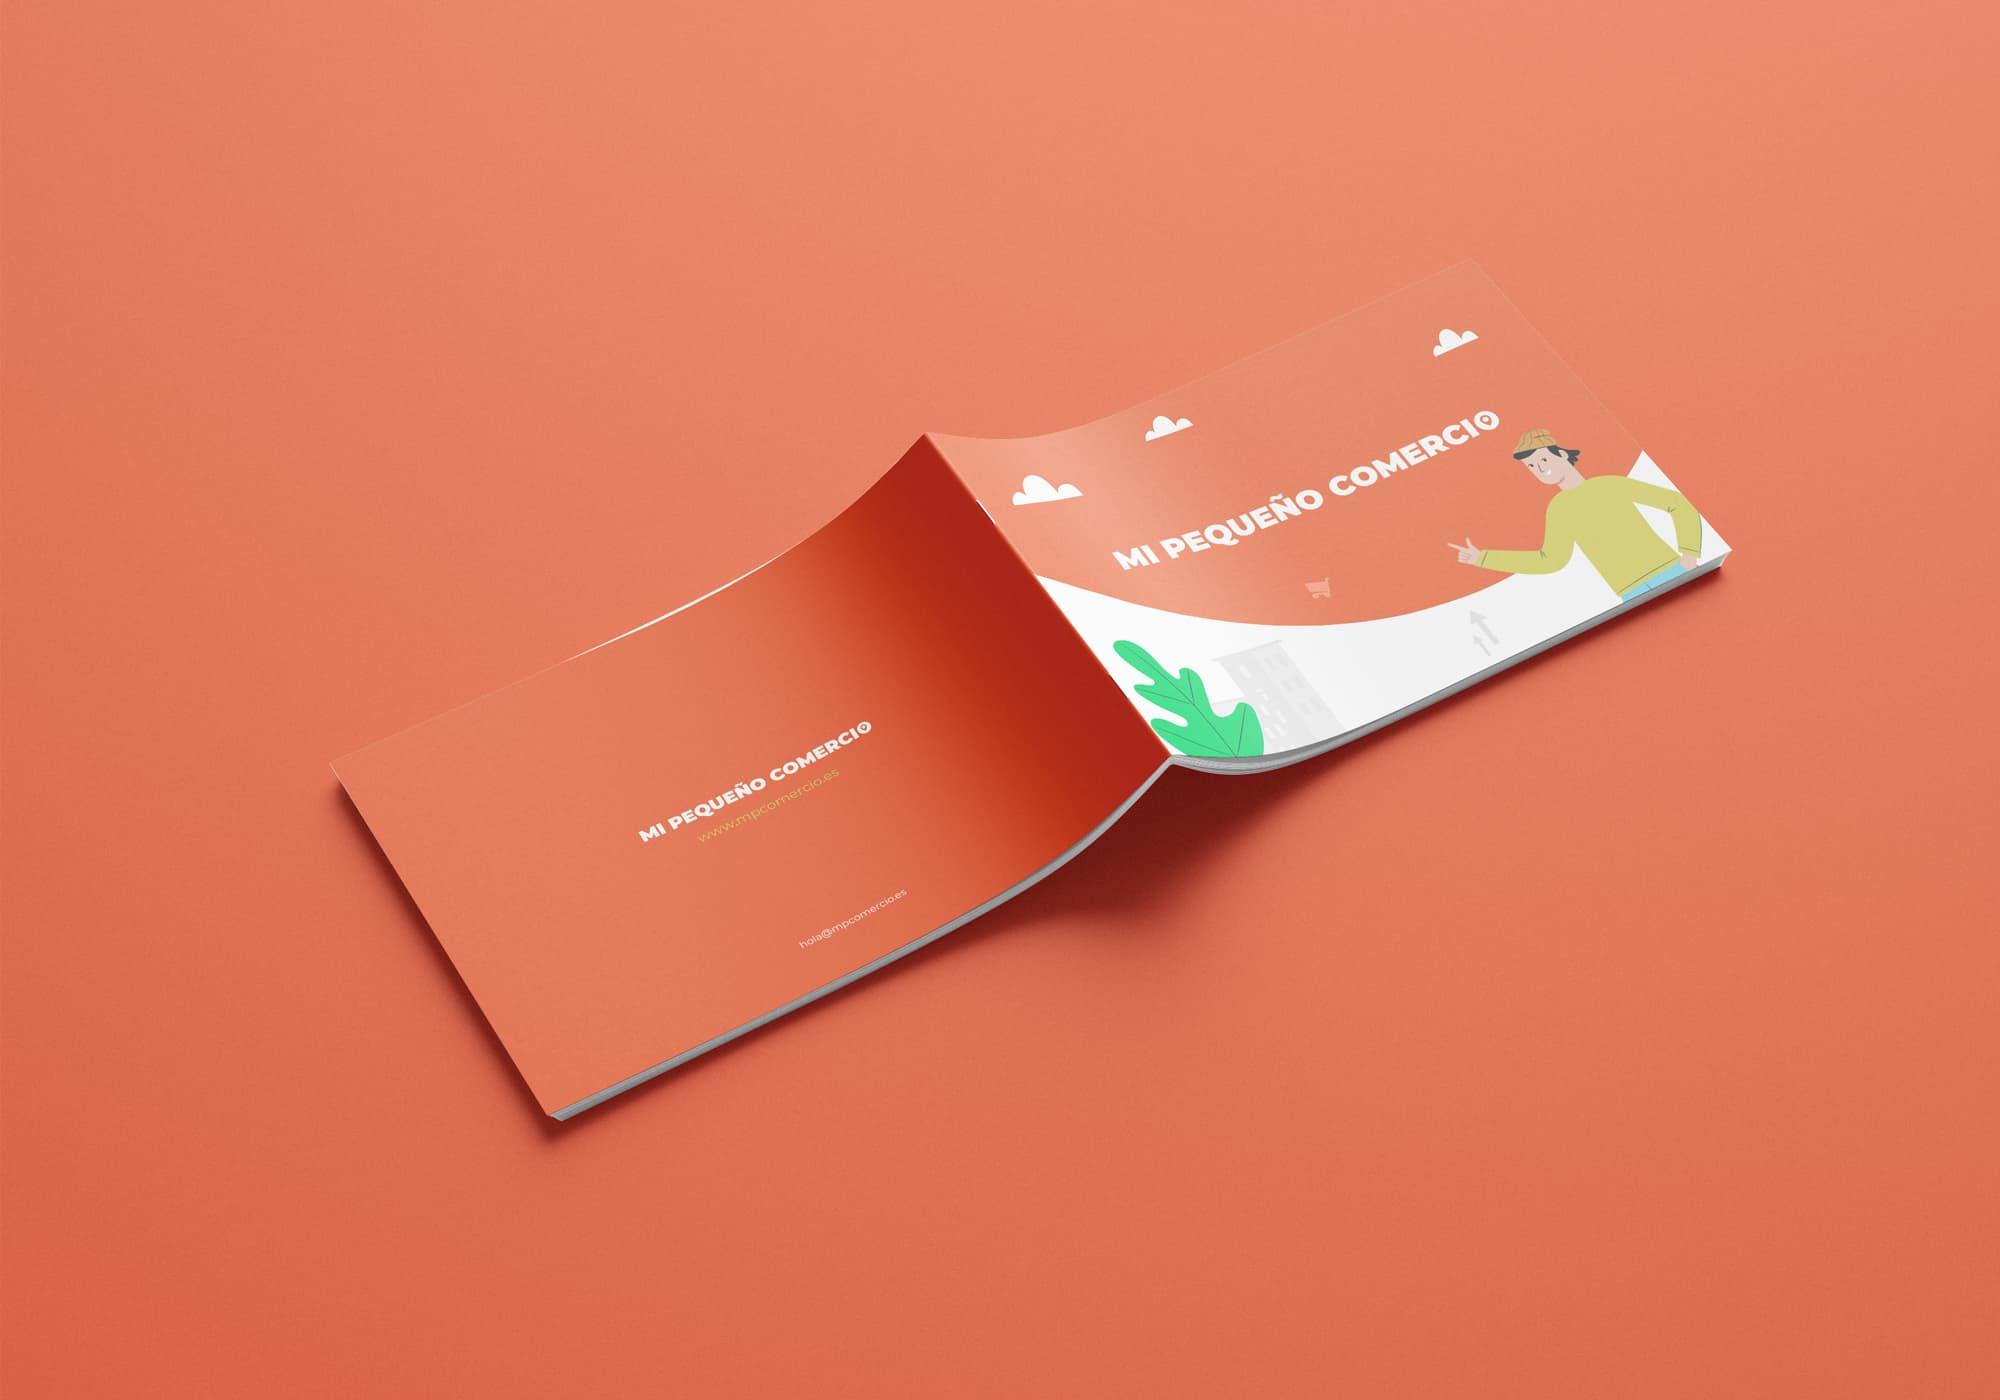 Mi Pequeño Comercio - Diseño Editorial - Brochure